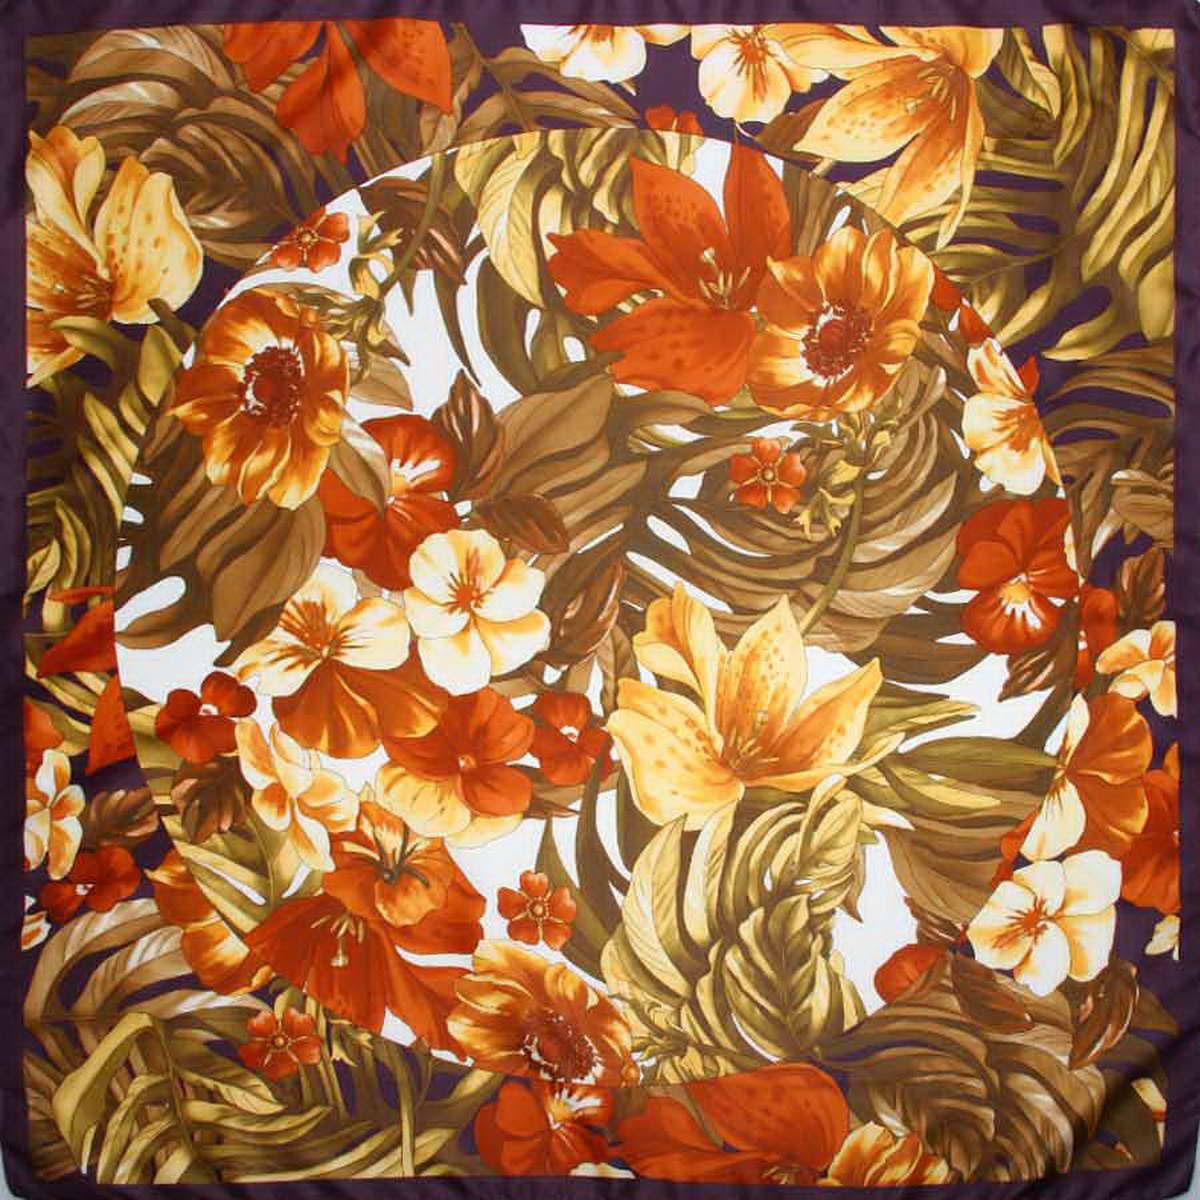 Платок3904972-12Стильный женский платок Venera станет великолепным завершением любого наряда. Платок, изготовленный из полиэстера, оформлен цветочный принтом. Классическая квадратная форма позволяет носить платок на шее, украшать им прическу или декорировать сумочку. Легкий и приятный на ощупь платок поможет вам создать изысканный женственный образ. Такой платок превосходно дополнит любой наряд и подчеркнет ваш неповторимый вкус и элегантность.